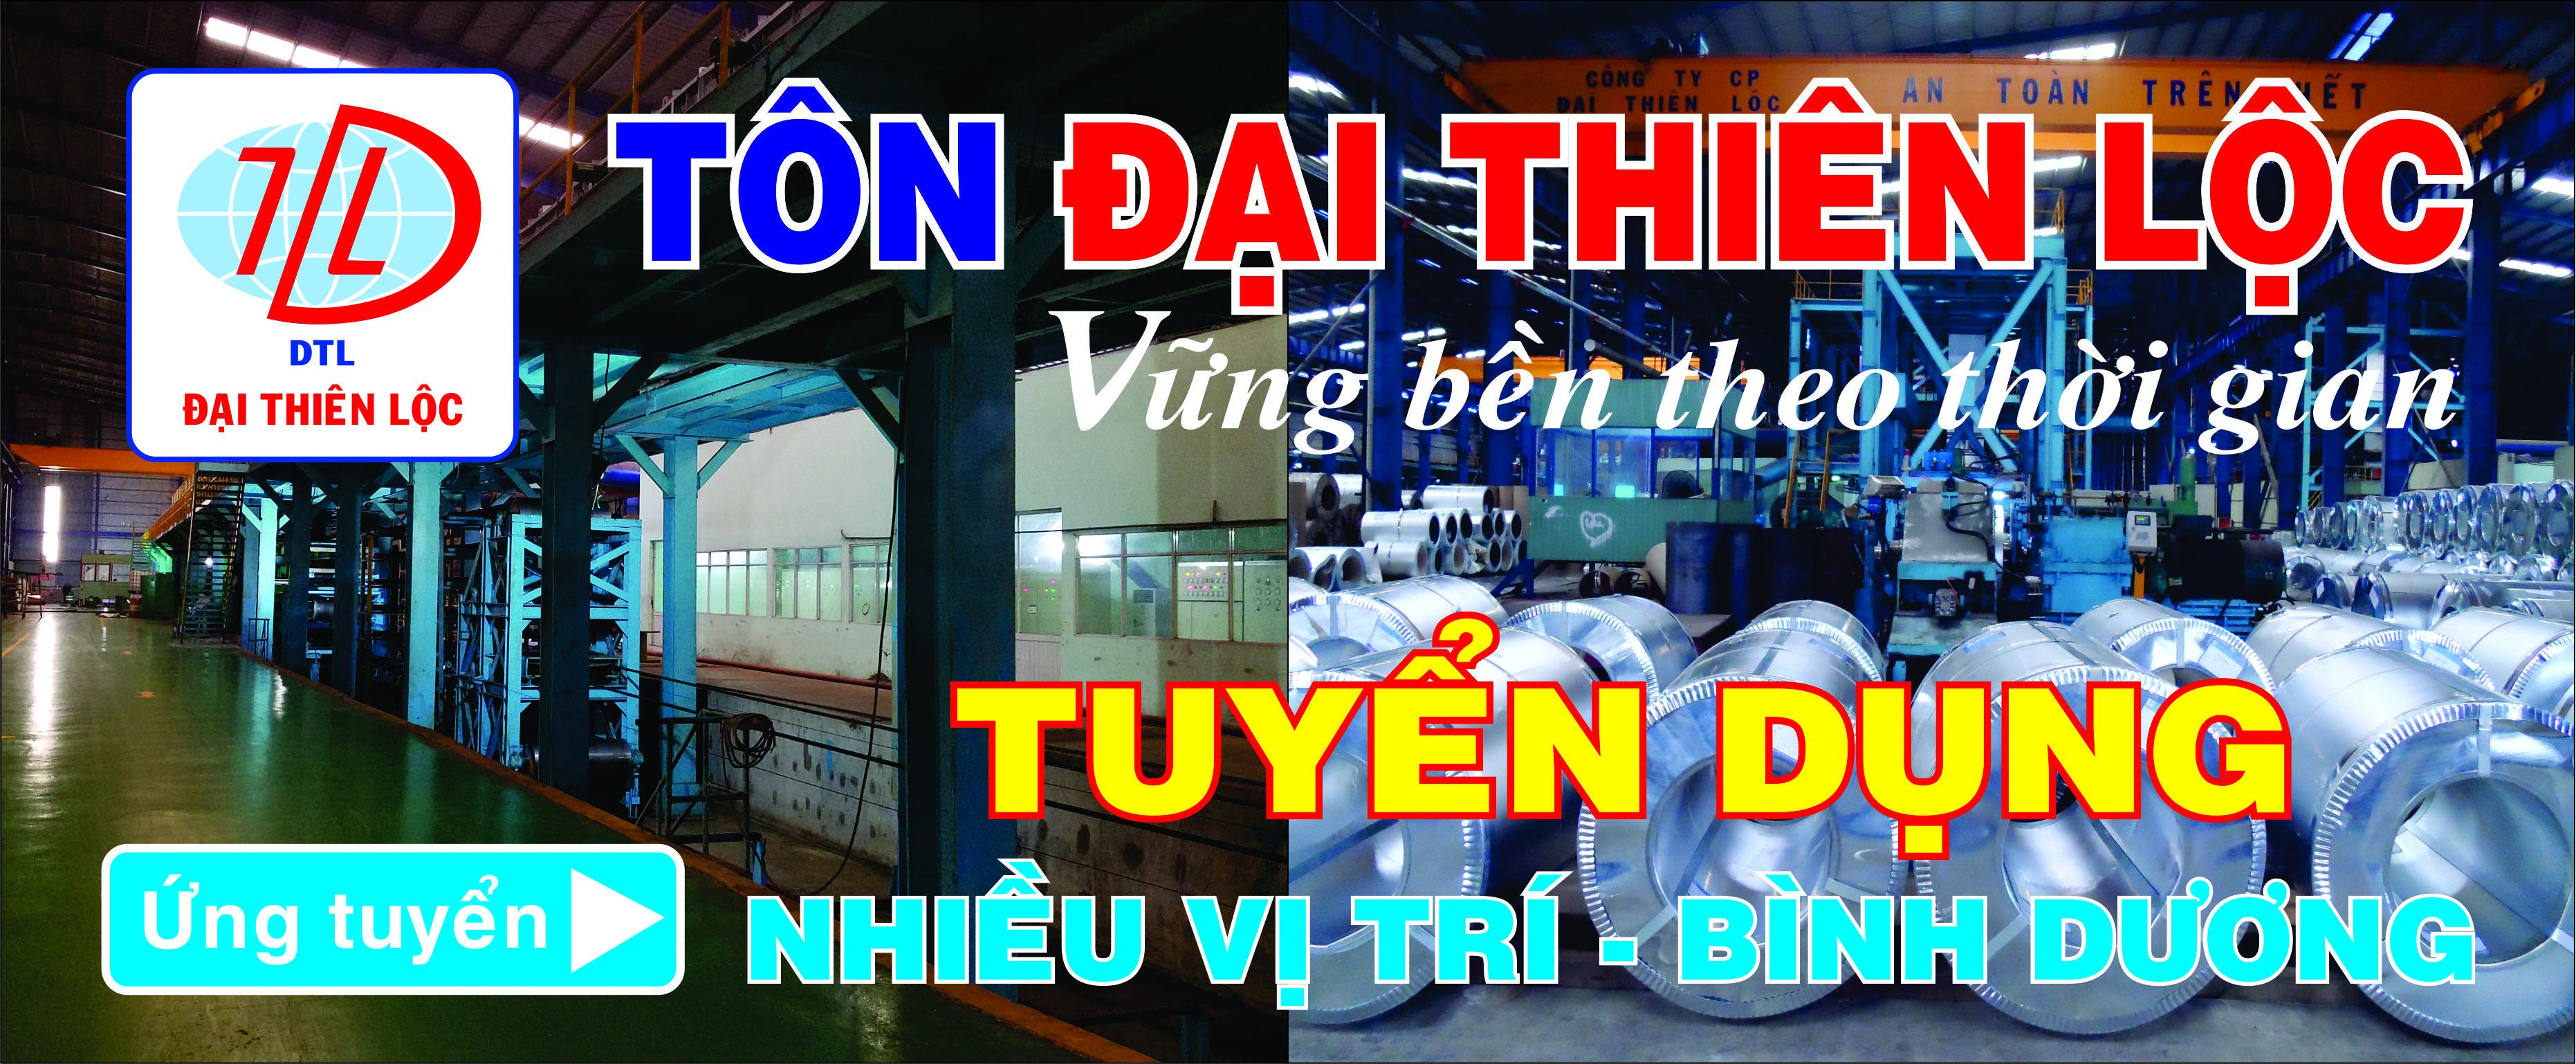 Dai Thien Loc - Banner Tuyen Dung